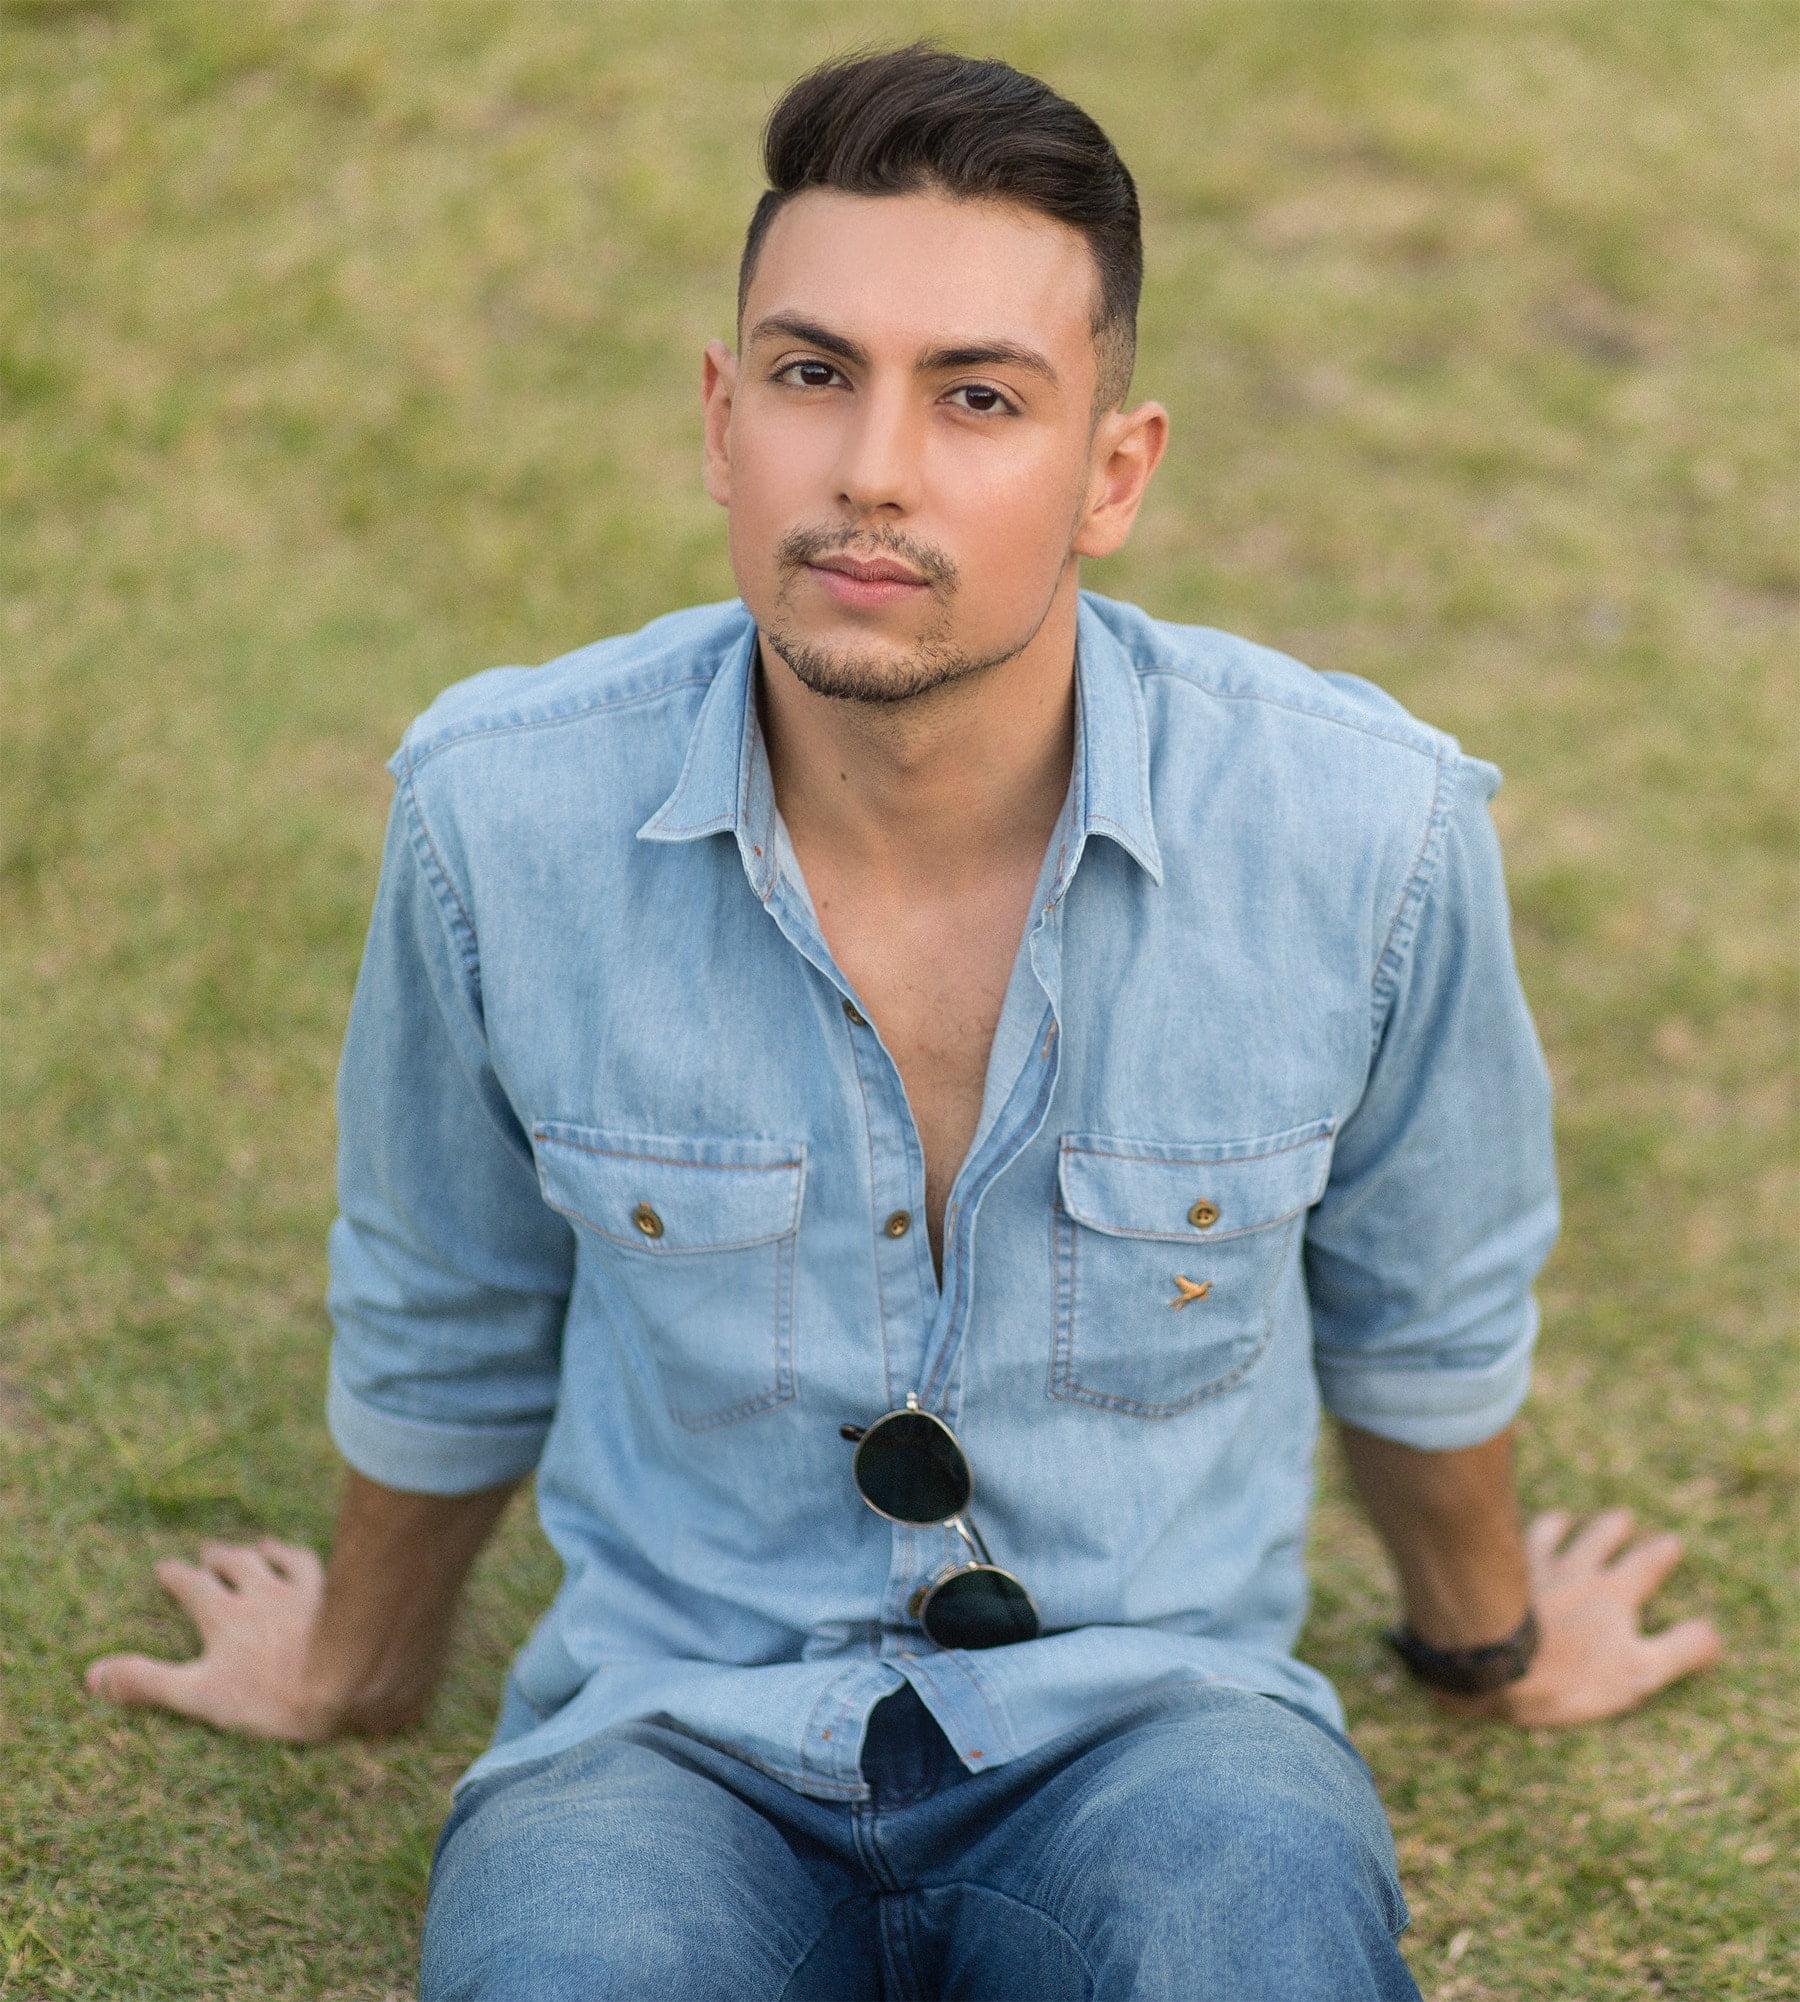 juan-alves-b-como-usar-camisa-jeans-homens-que-se-cuidam